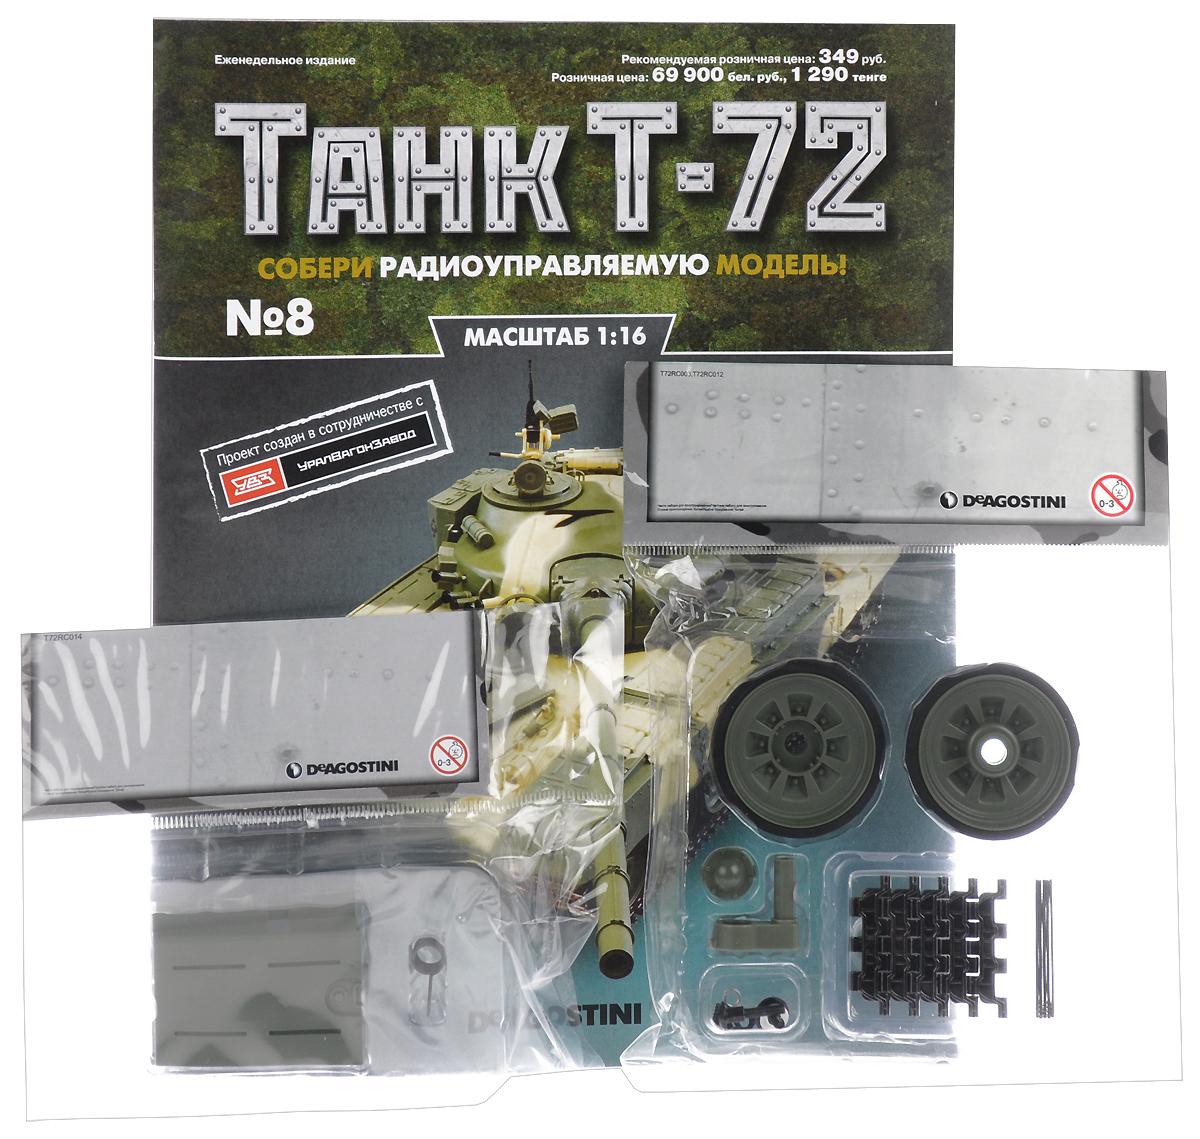 Журнал Танк Т-72 №8TRC008Перед вами - журнал из уникальной серии партворков Танк Т-72 с увлекательной информацией о легендарных боевых машинах и элементами для сборки копии танка Т-72 в уменьшенном варианте 1:16. У вас есть возможность собственноручно создать высококачественную модель этого знаменитого танка с достоверным воспроизведением всех элементов, сохранением функций подлинной боевой машины и дистанционным управлением. В комплекте детали, необходимые для сборки опорного катка, секция надгусеничной полки и траки со штифтами. Категория 16+.